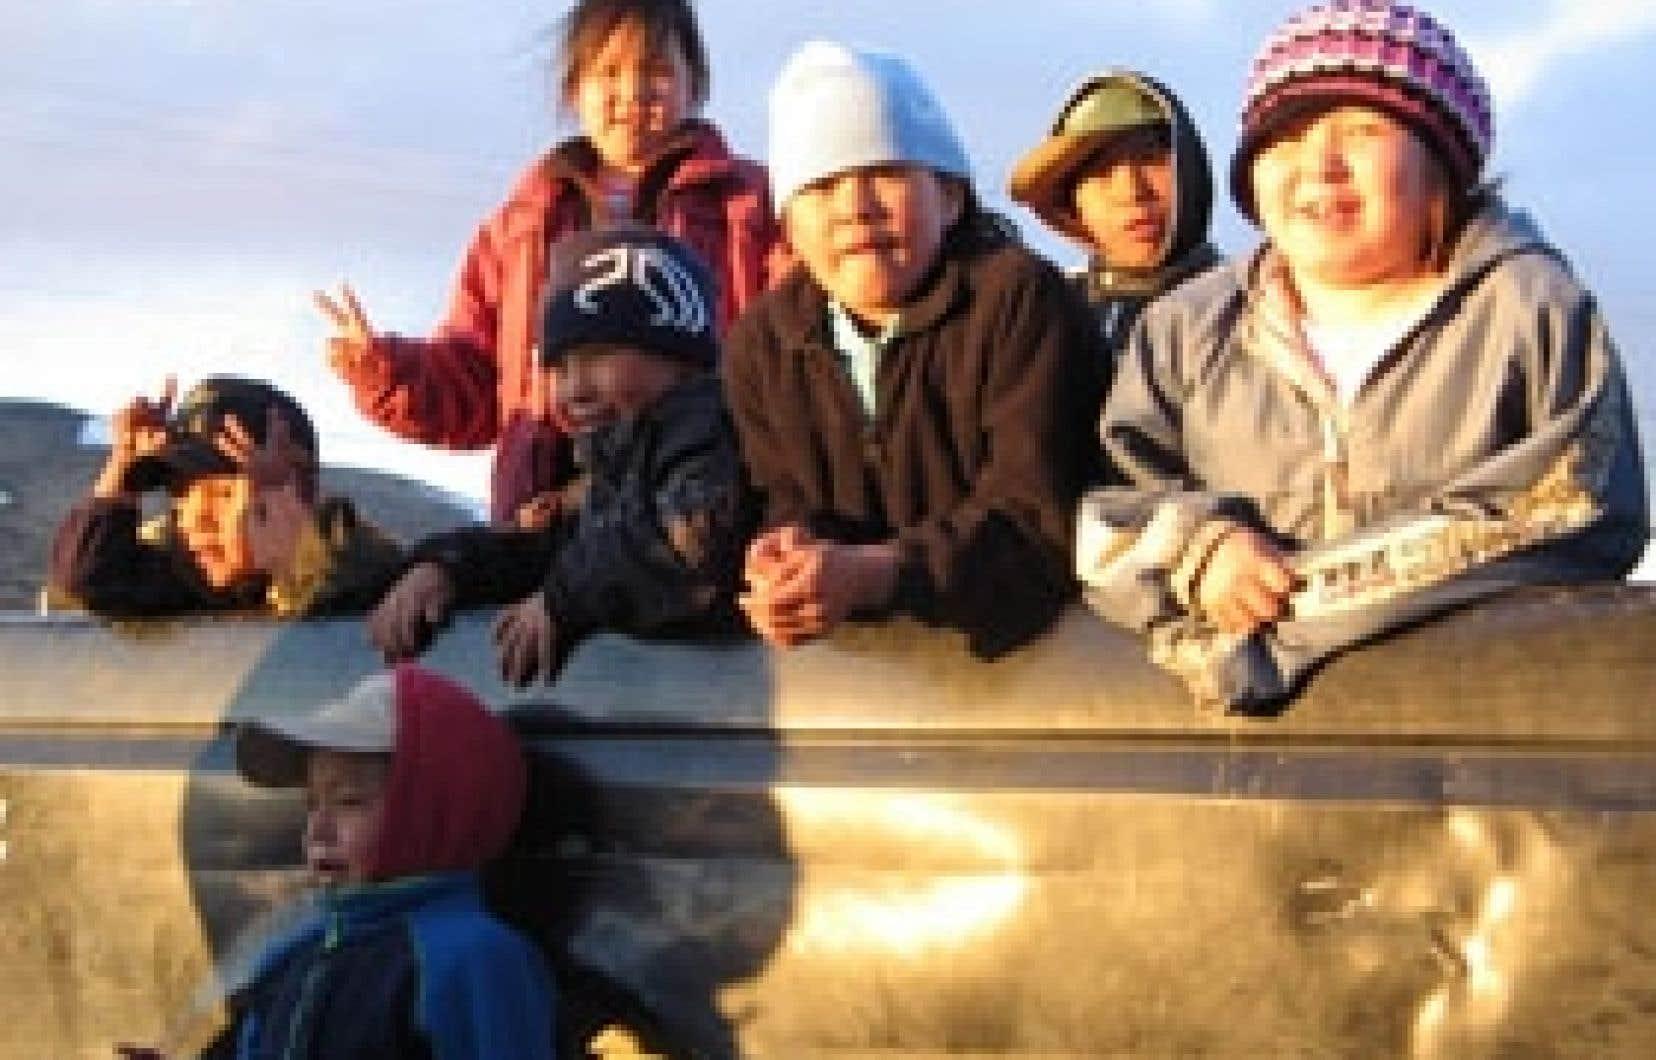 Les quelque 10 000 Inuits vivent dans 14 villages nordiques situés entre le 55e et le 64e parallèle, le long des côtes de la baie d'Hudson et de la baie d'Ungava.  Photo: Joelle Tougas